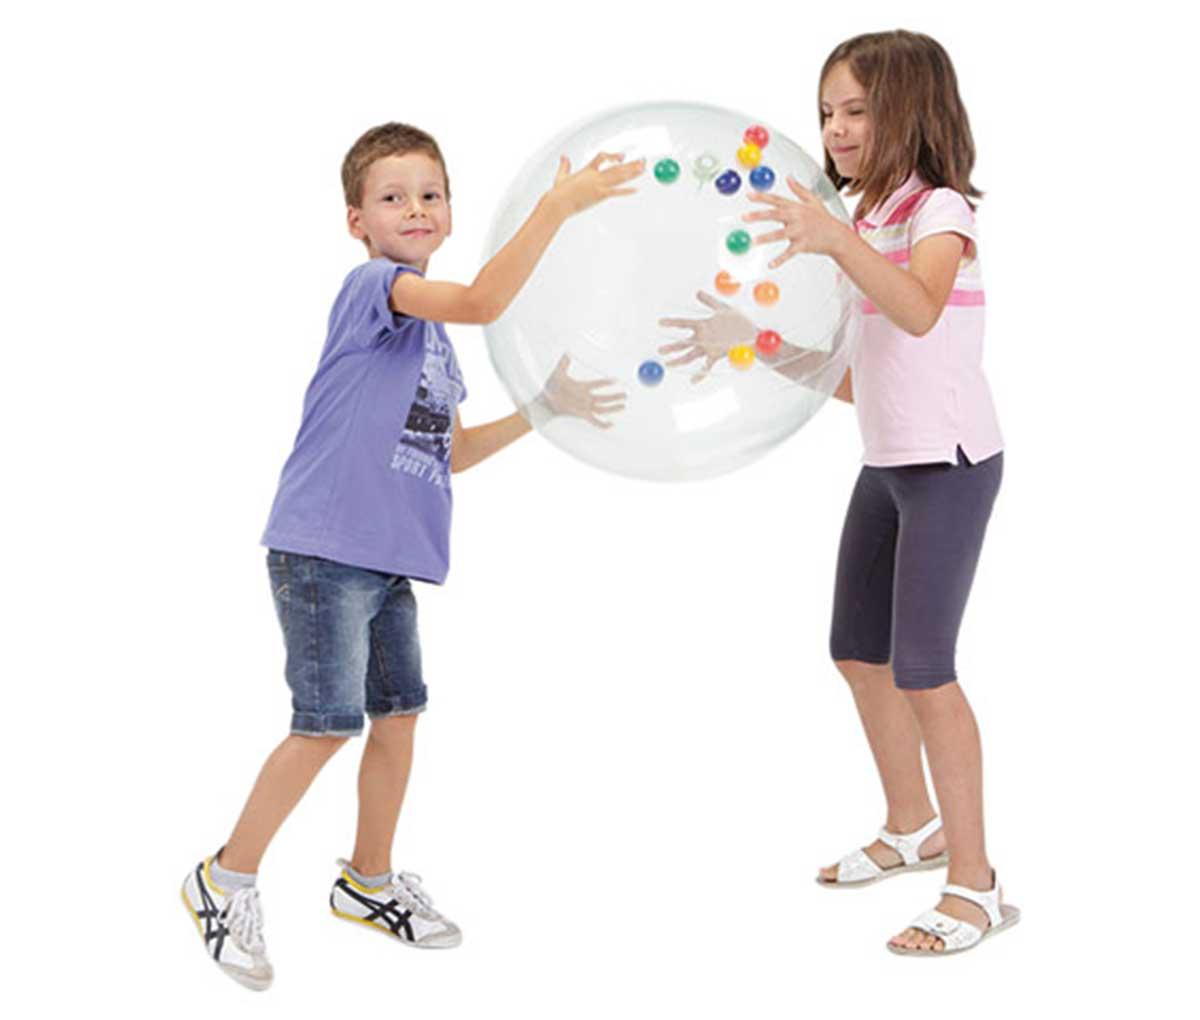 М'яч Активіті з дітьми